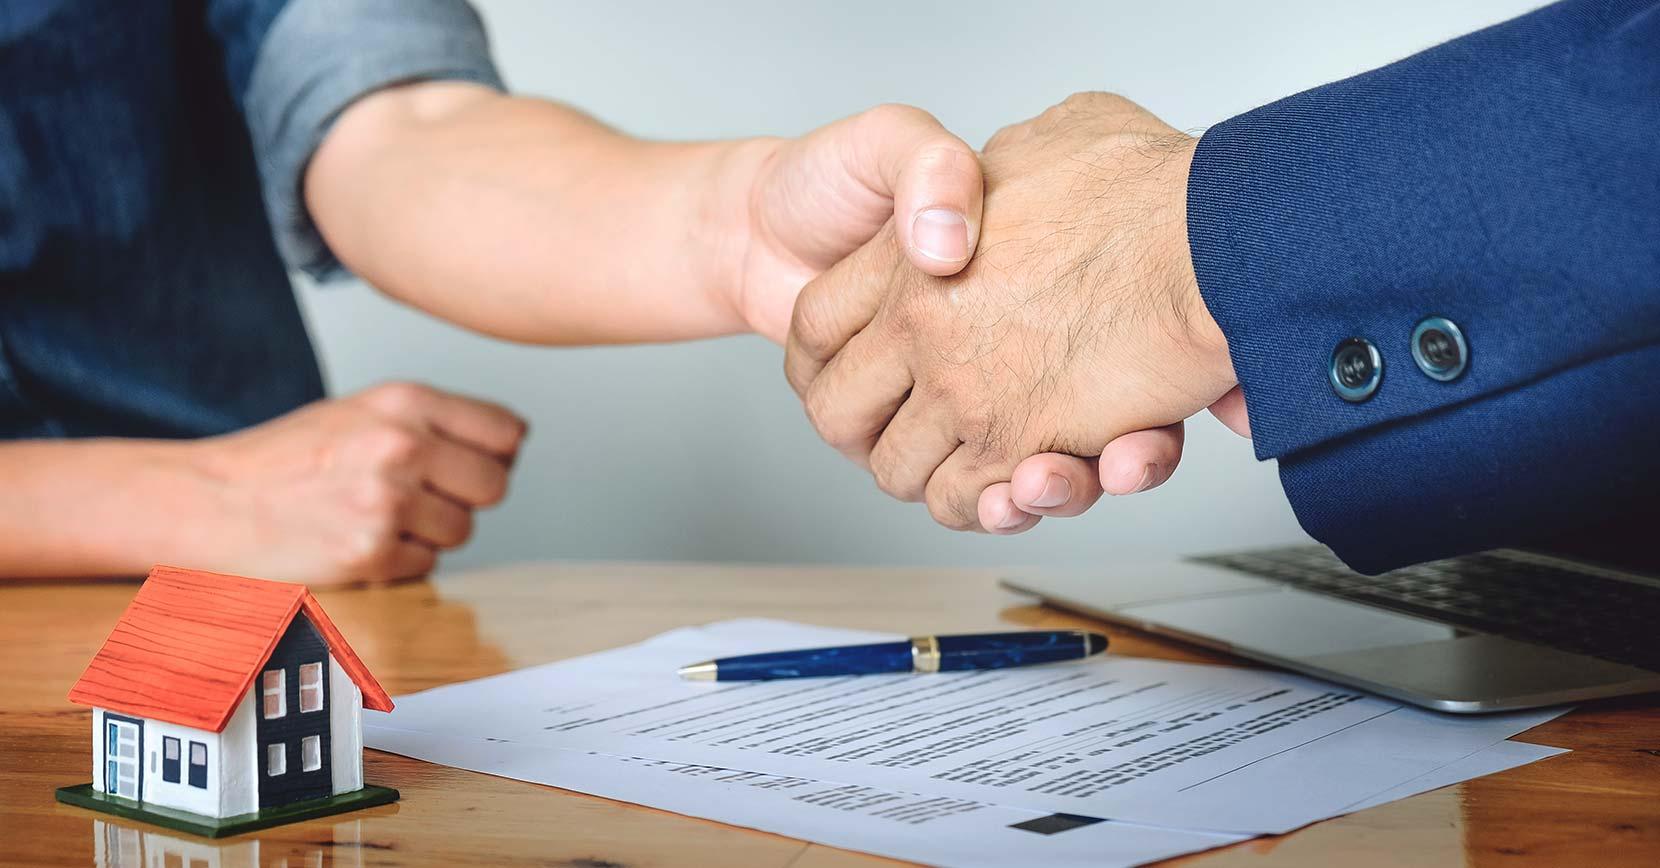 Contrato de Promessa de Compra e Venda: como evitar dores de cabeça numa transação imobiliária